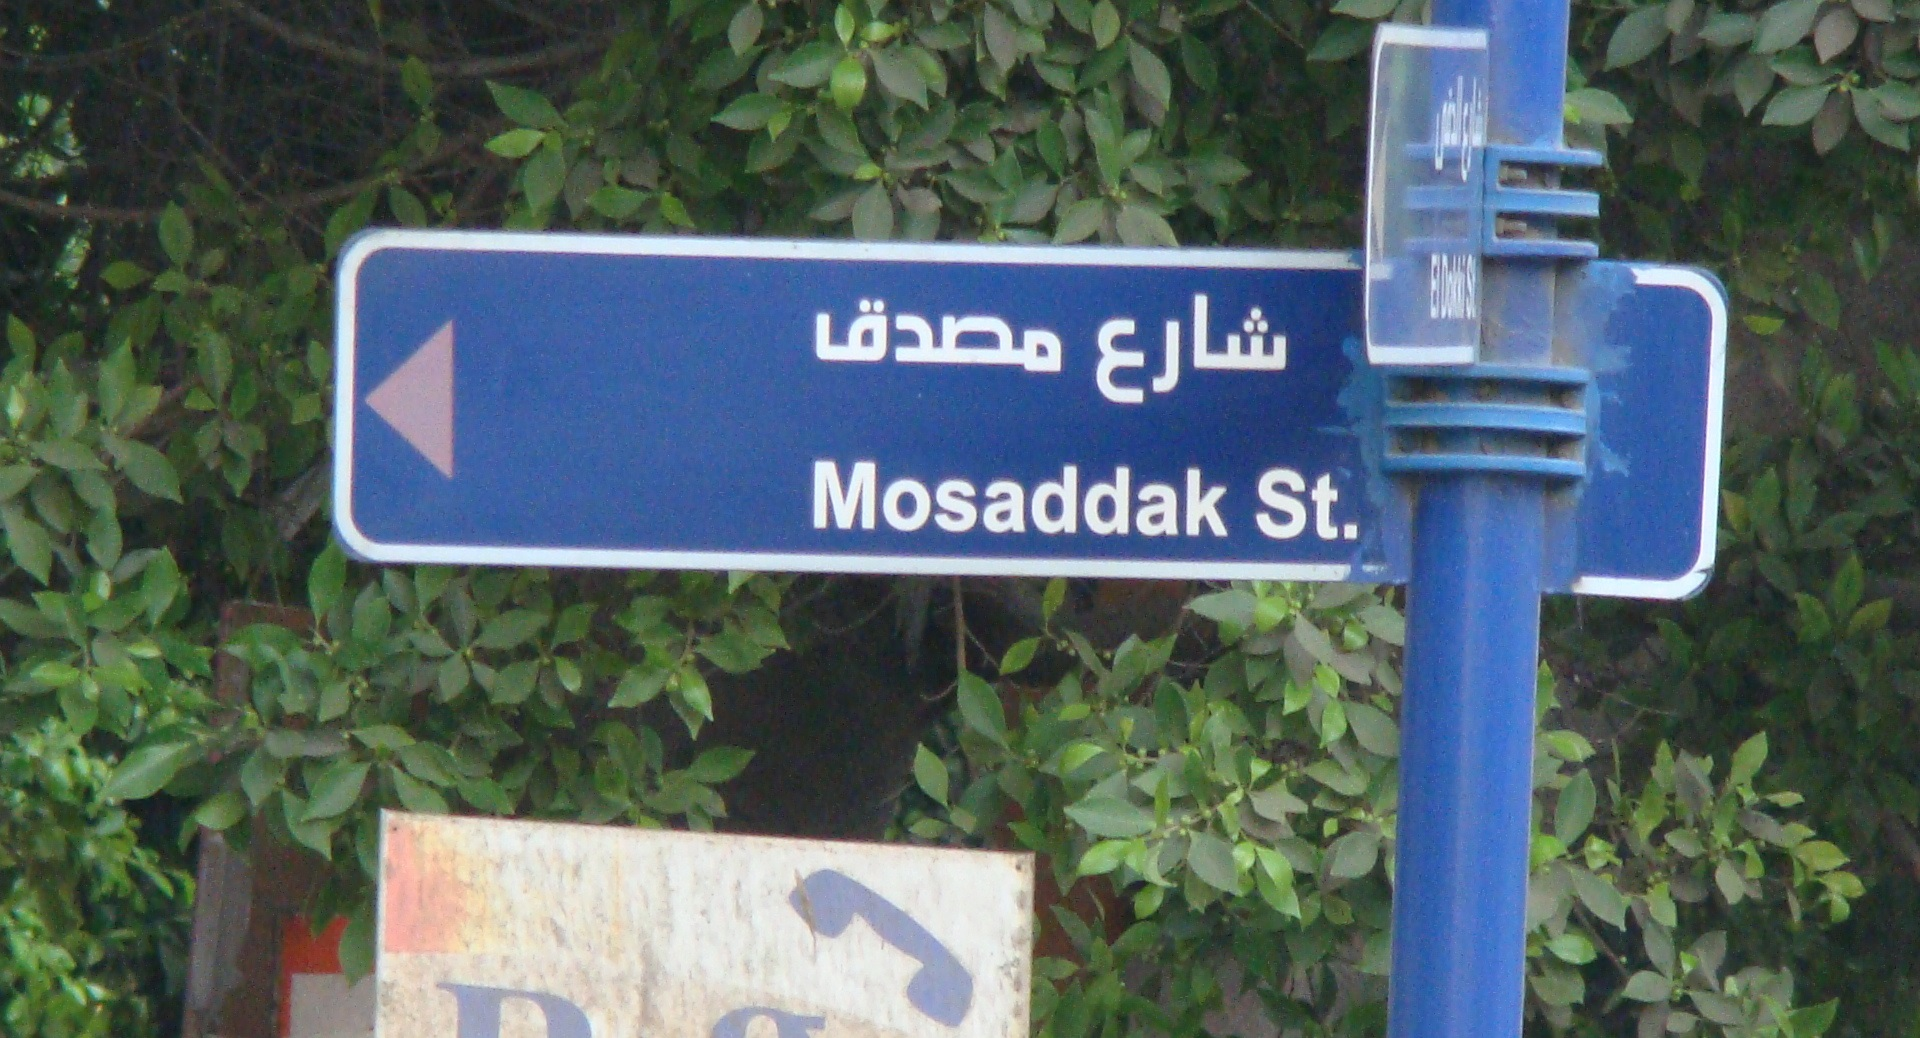 بالاخره «مصدق» به نقشه تهران پیوست شد/ «کارگر شمالی» نه، خیابان «نفت» تغییر نام داد